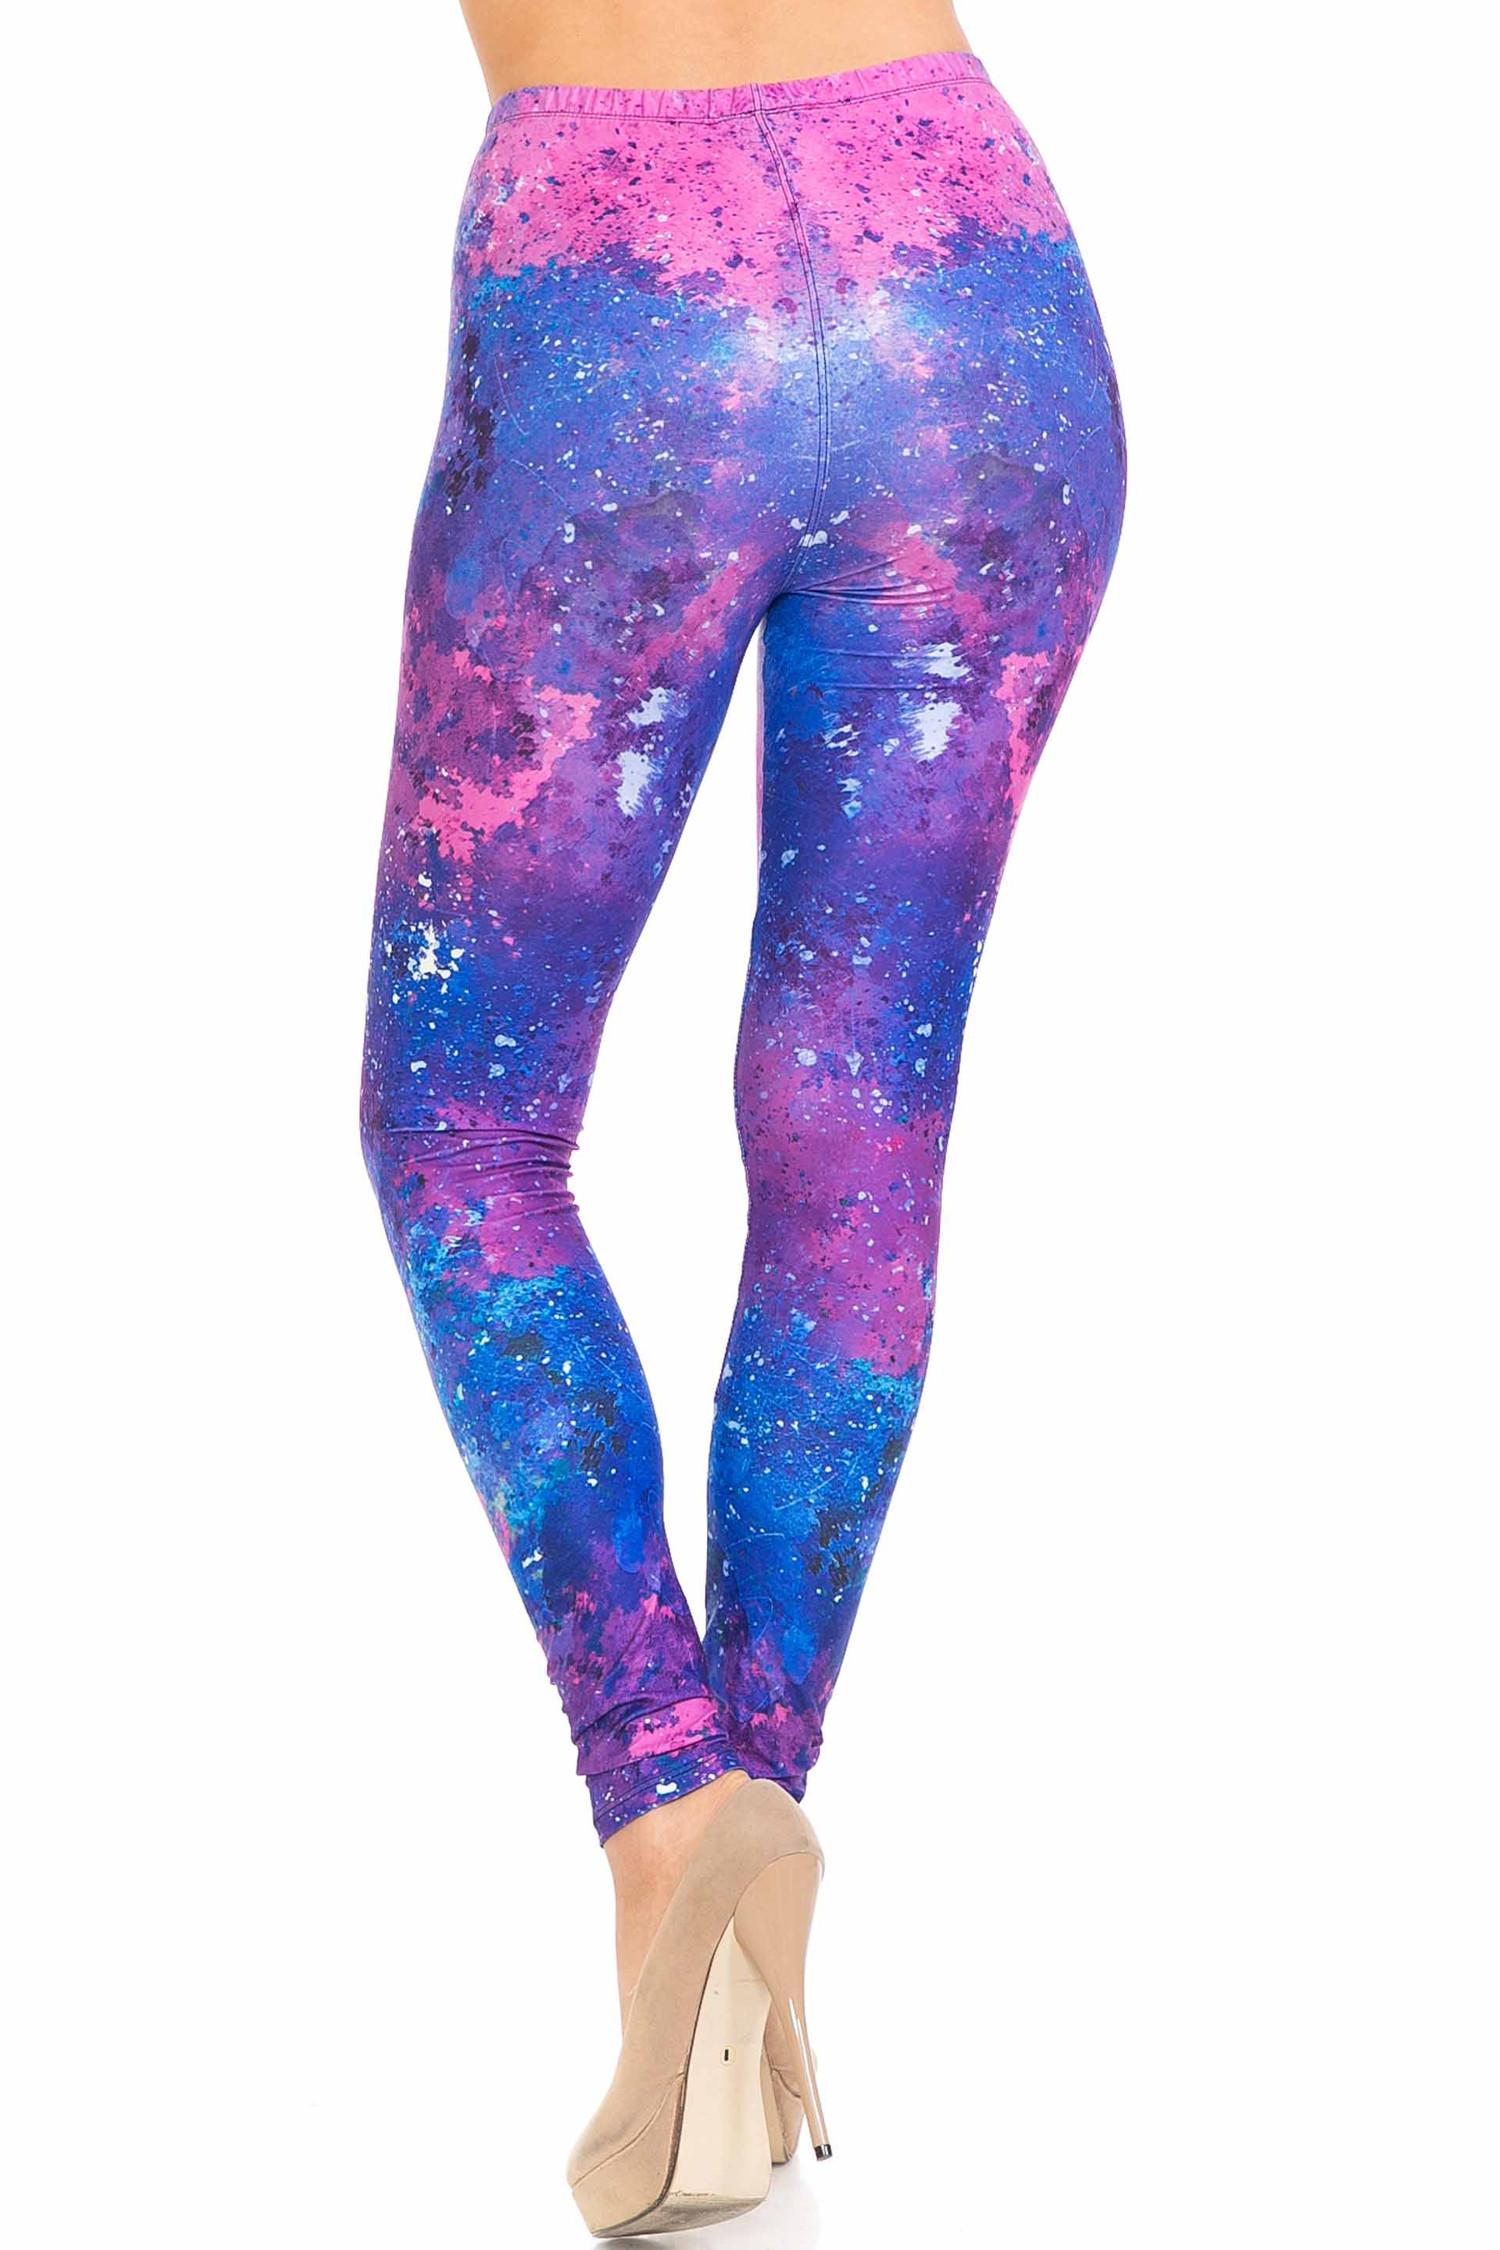 Back side image of Creamy Soft Blue Fuchsia Nebula Plus Size Leggings - USA Fashion™ showing the amazing 360 degree design.